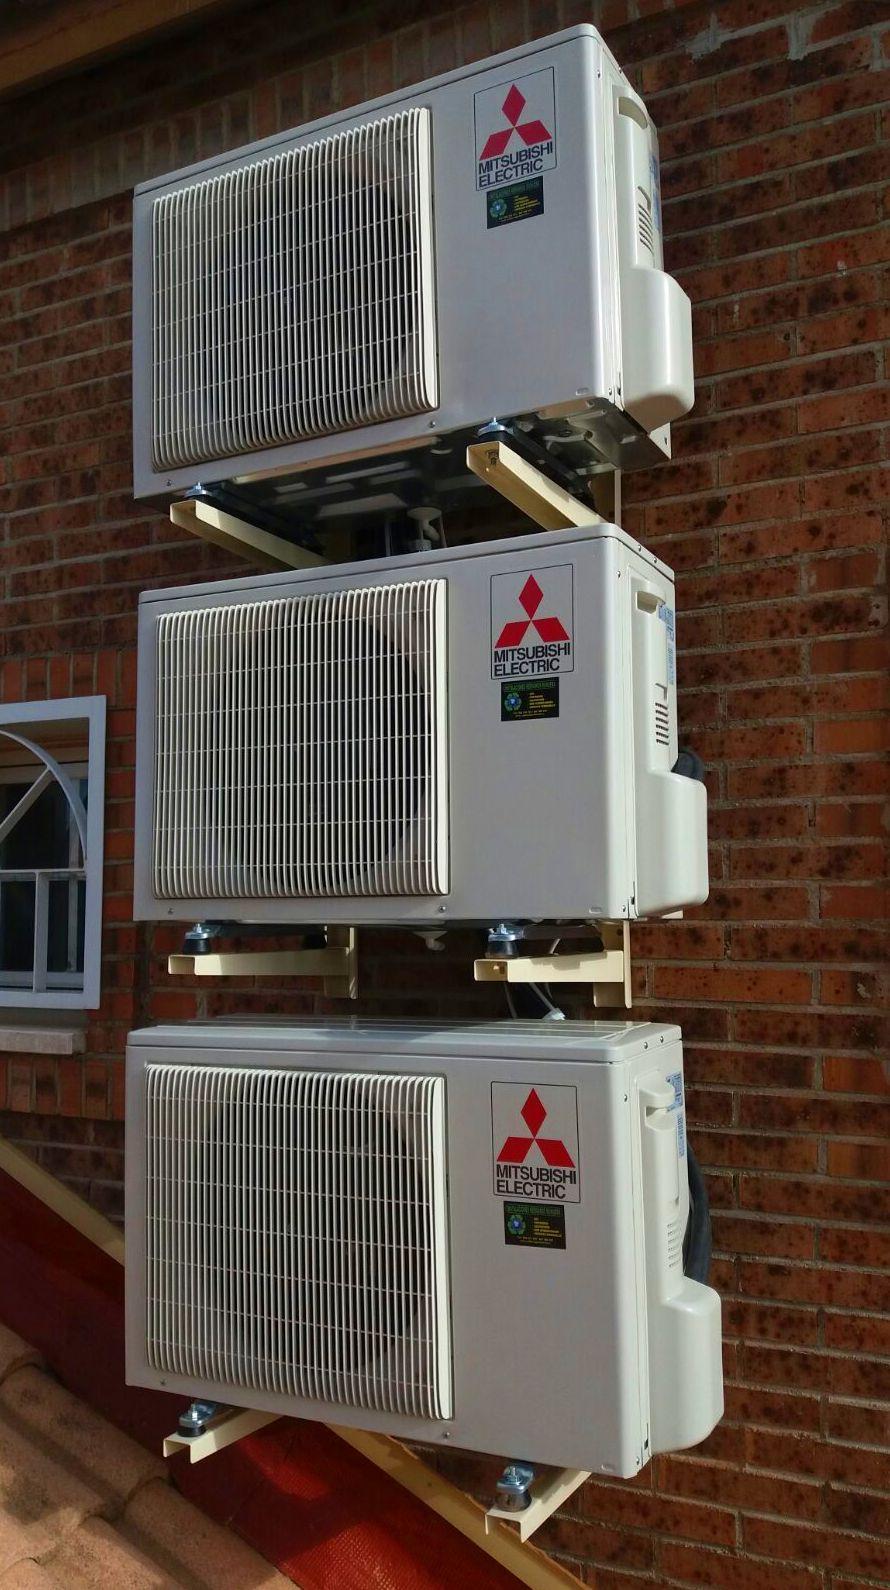 Buena instalacion de aire acondicionado